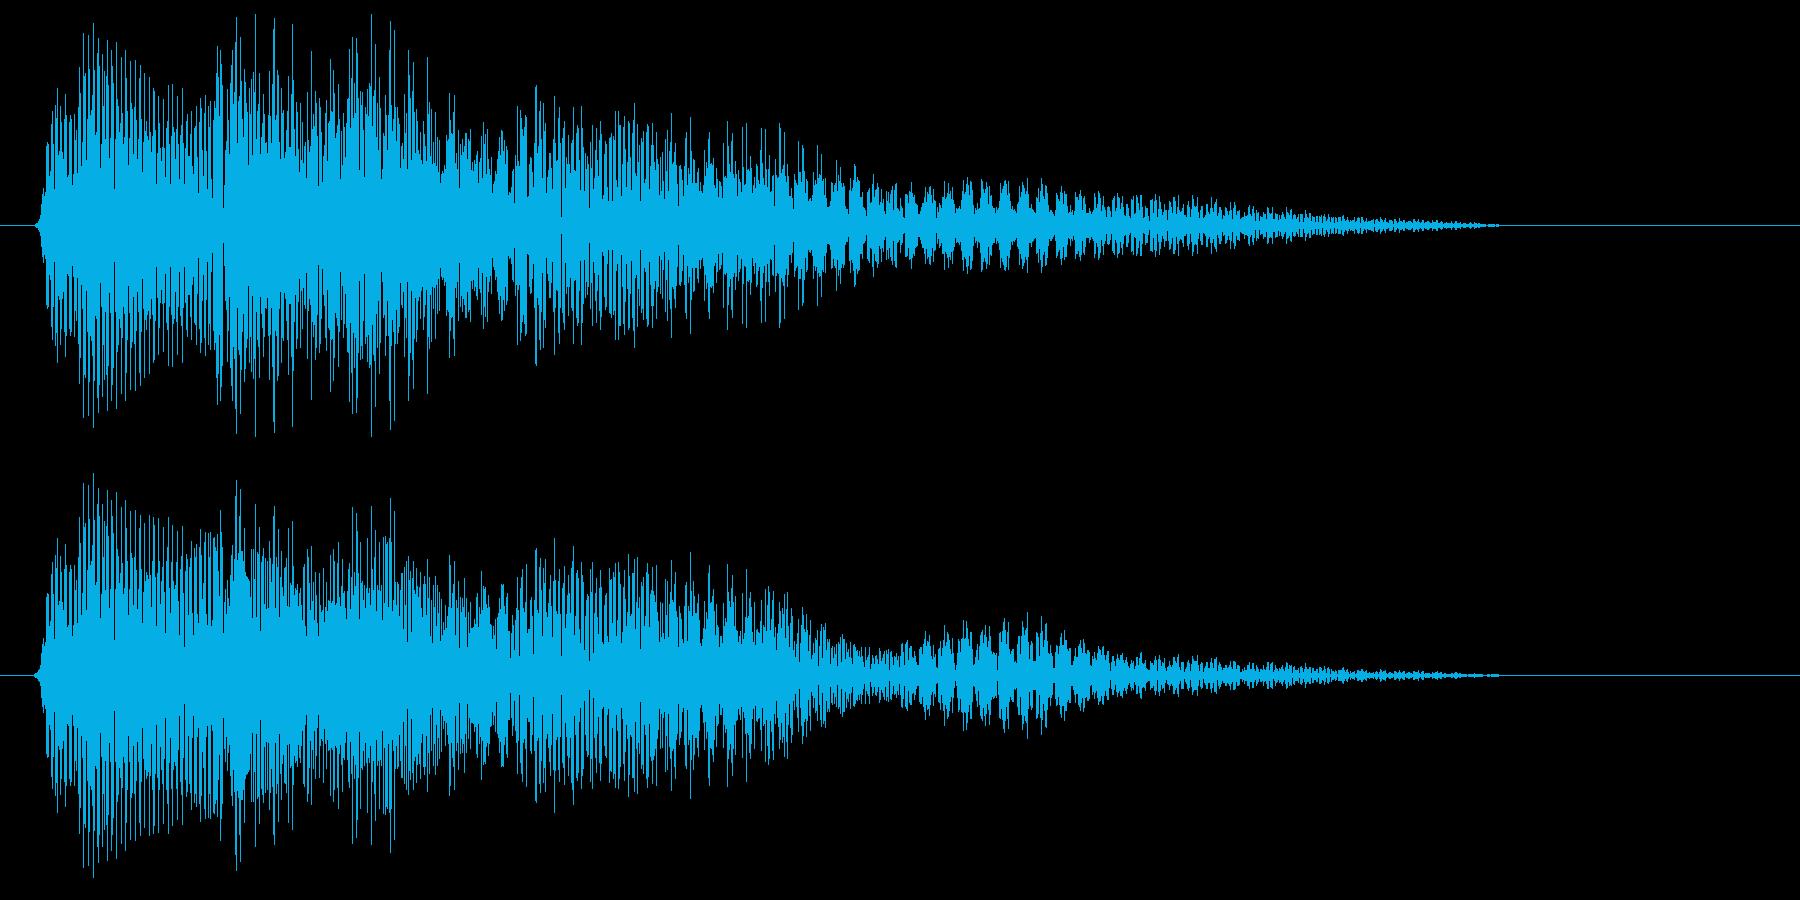 ピコン(明るめなアイテム取得音)の再生済みの波形